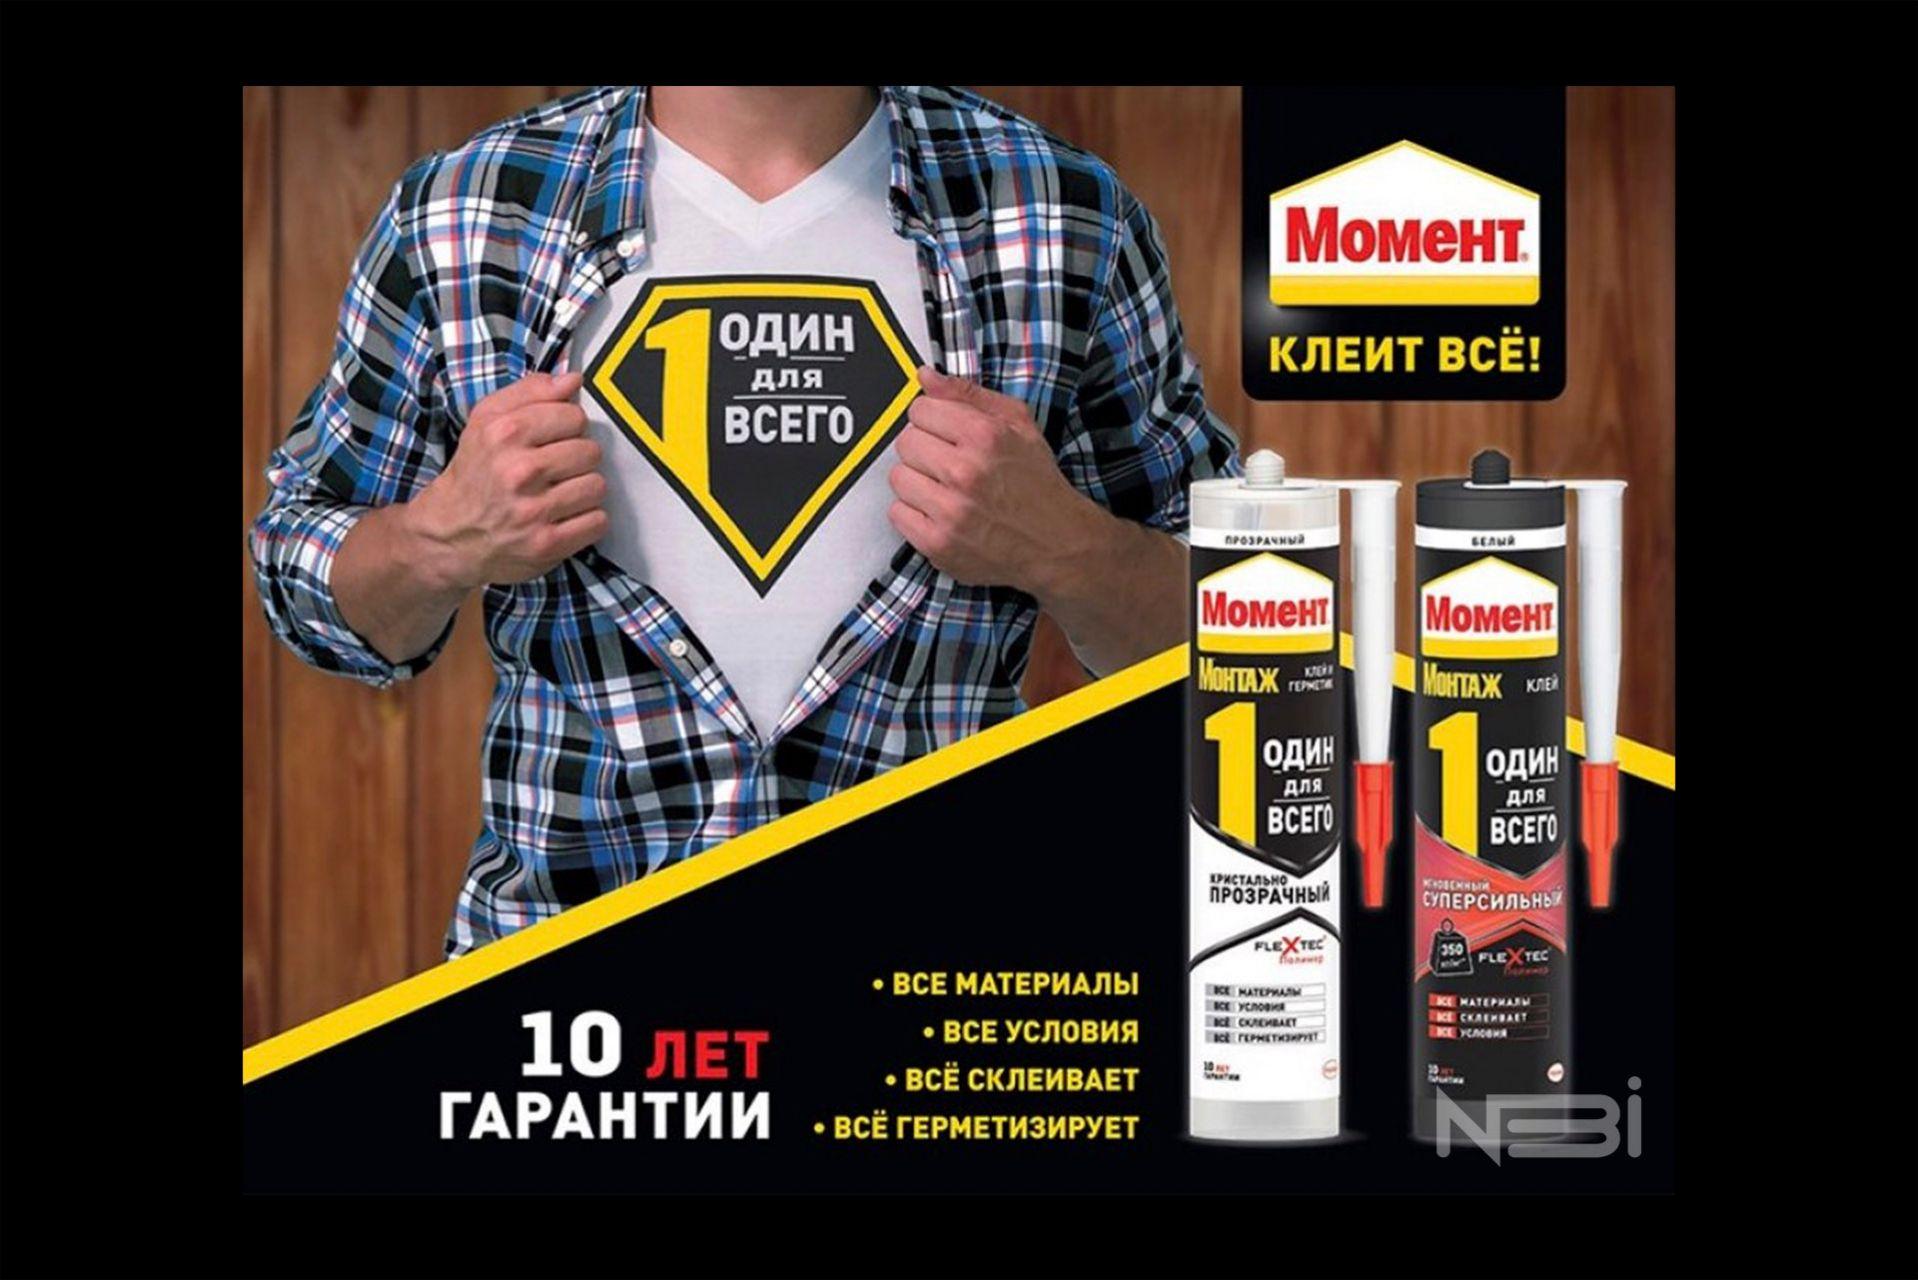 Рекламная фотография для бренда клей Момент